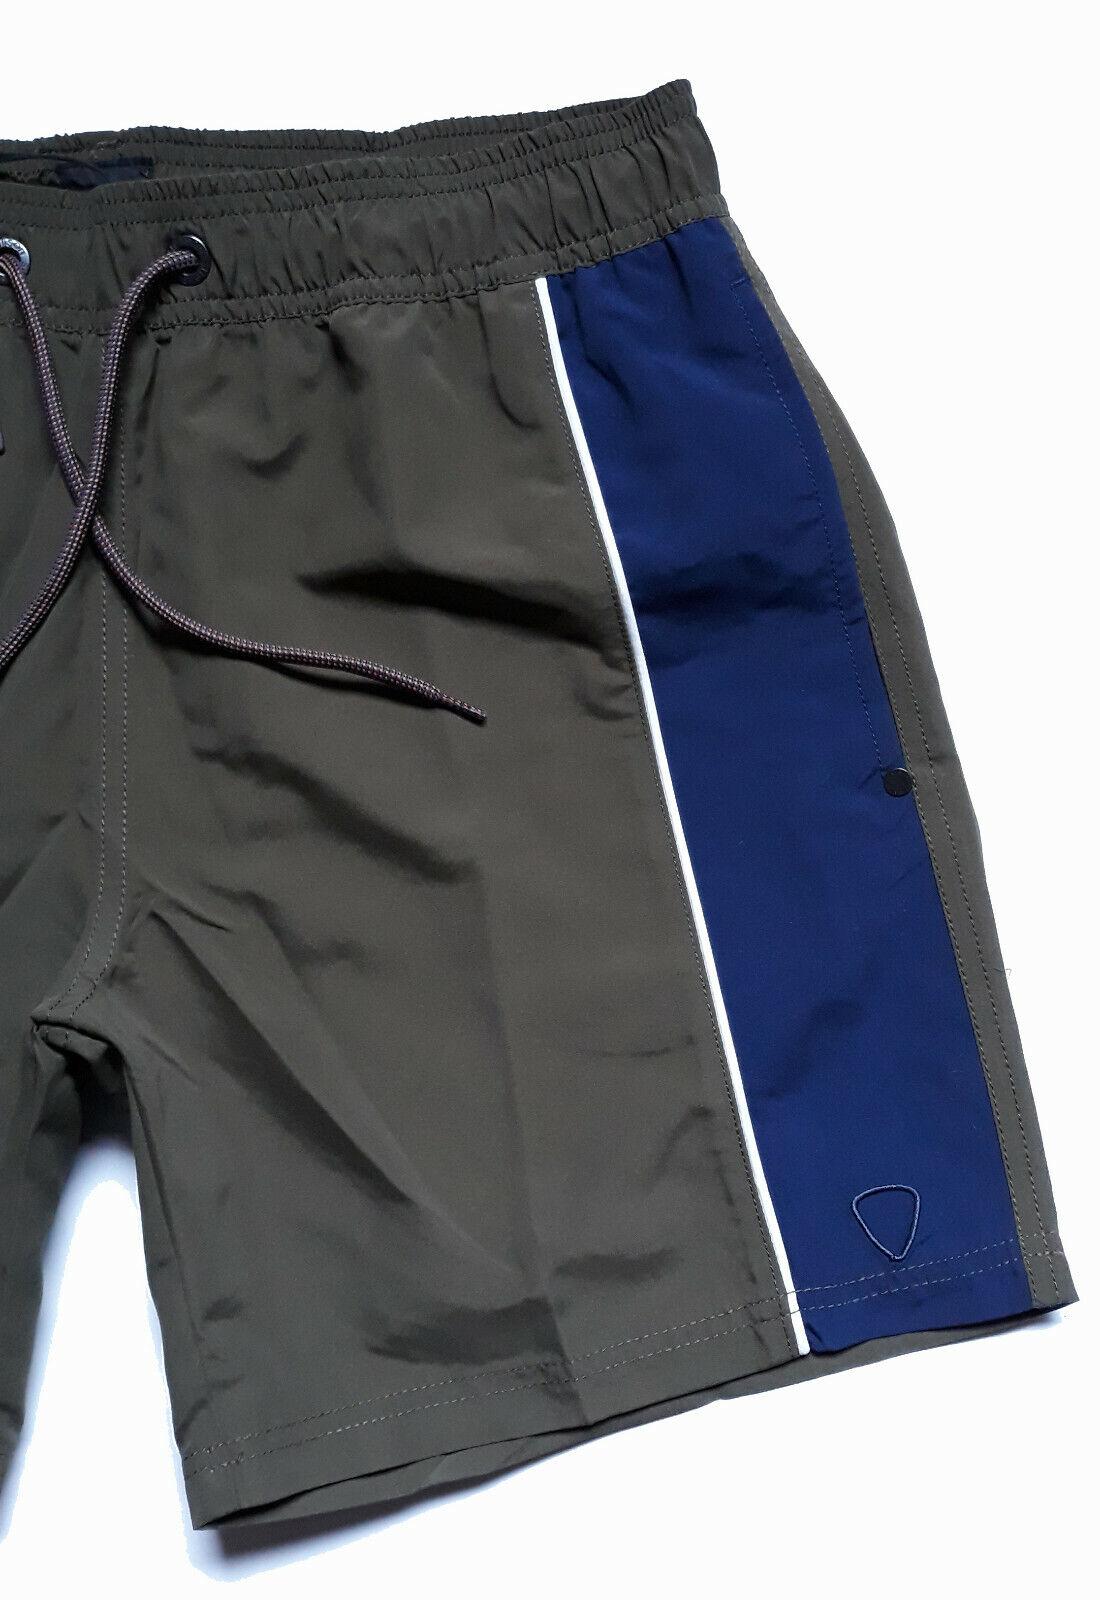 Strellson Badehose Gr. S S S 4 oliv blau 439 Badeshorts Boardshorts Swim Shorts    Sonderaktionen zum Jahresende    Angemessene Lieferung und pünktliche Lieferung    Lebensecht  507b0e